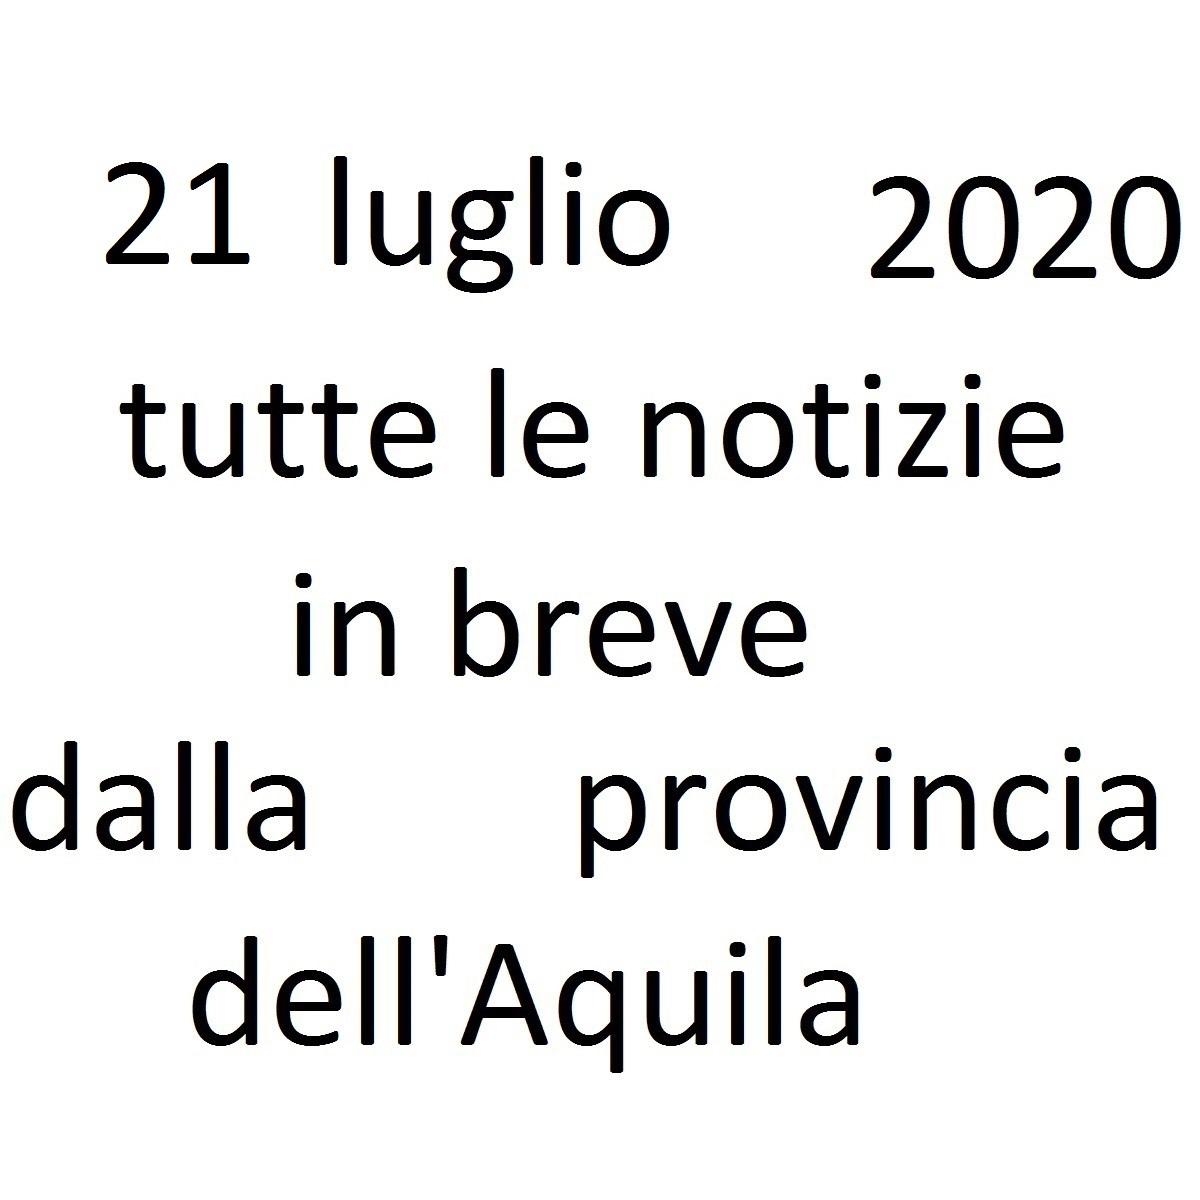 21 luglio 2020 notizie in breve dalla Provincia dell'Aquila foto